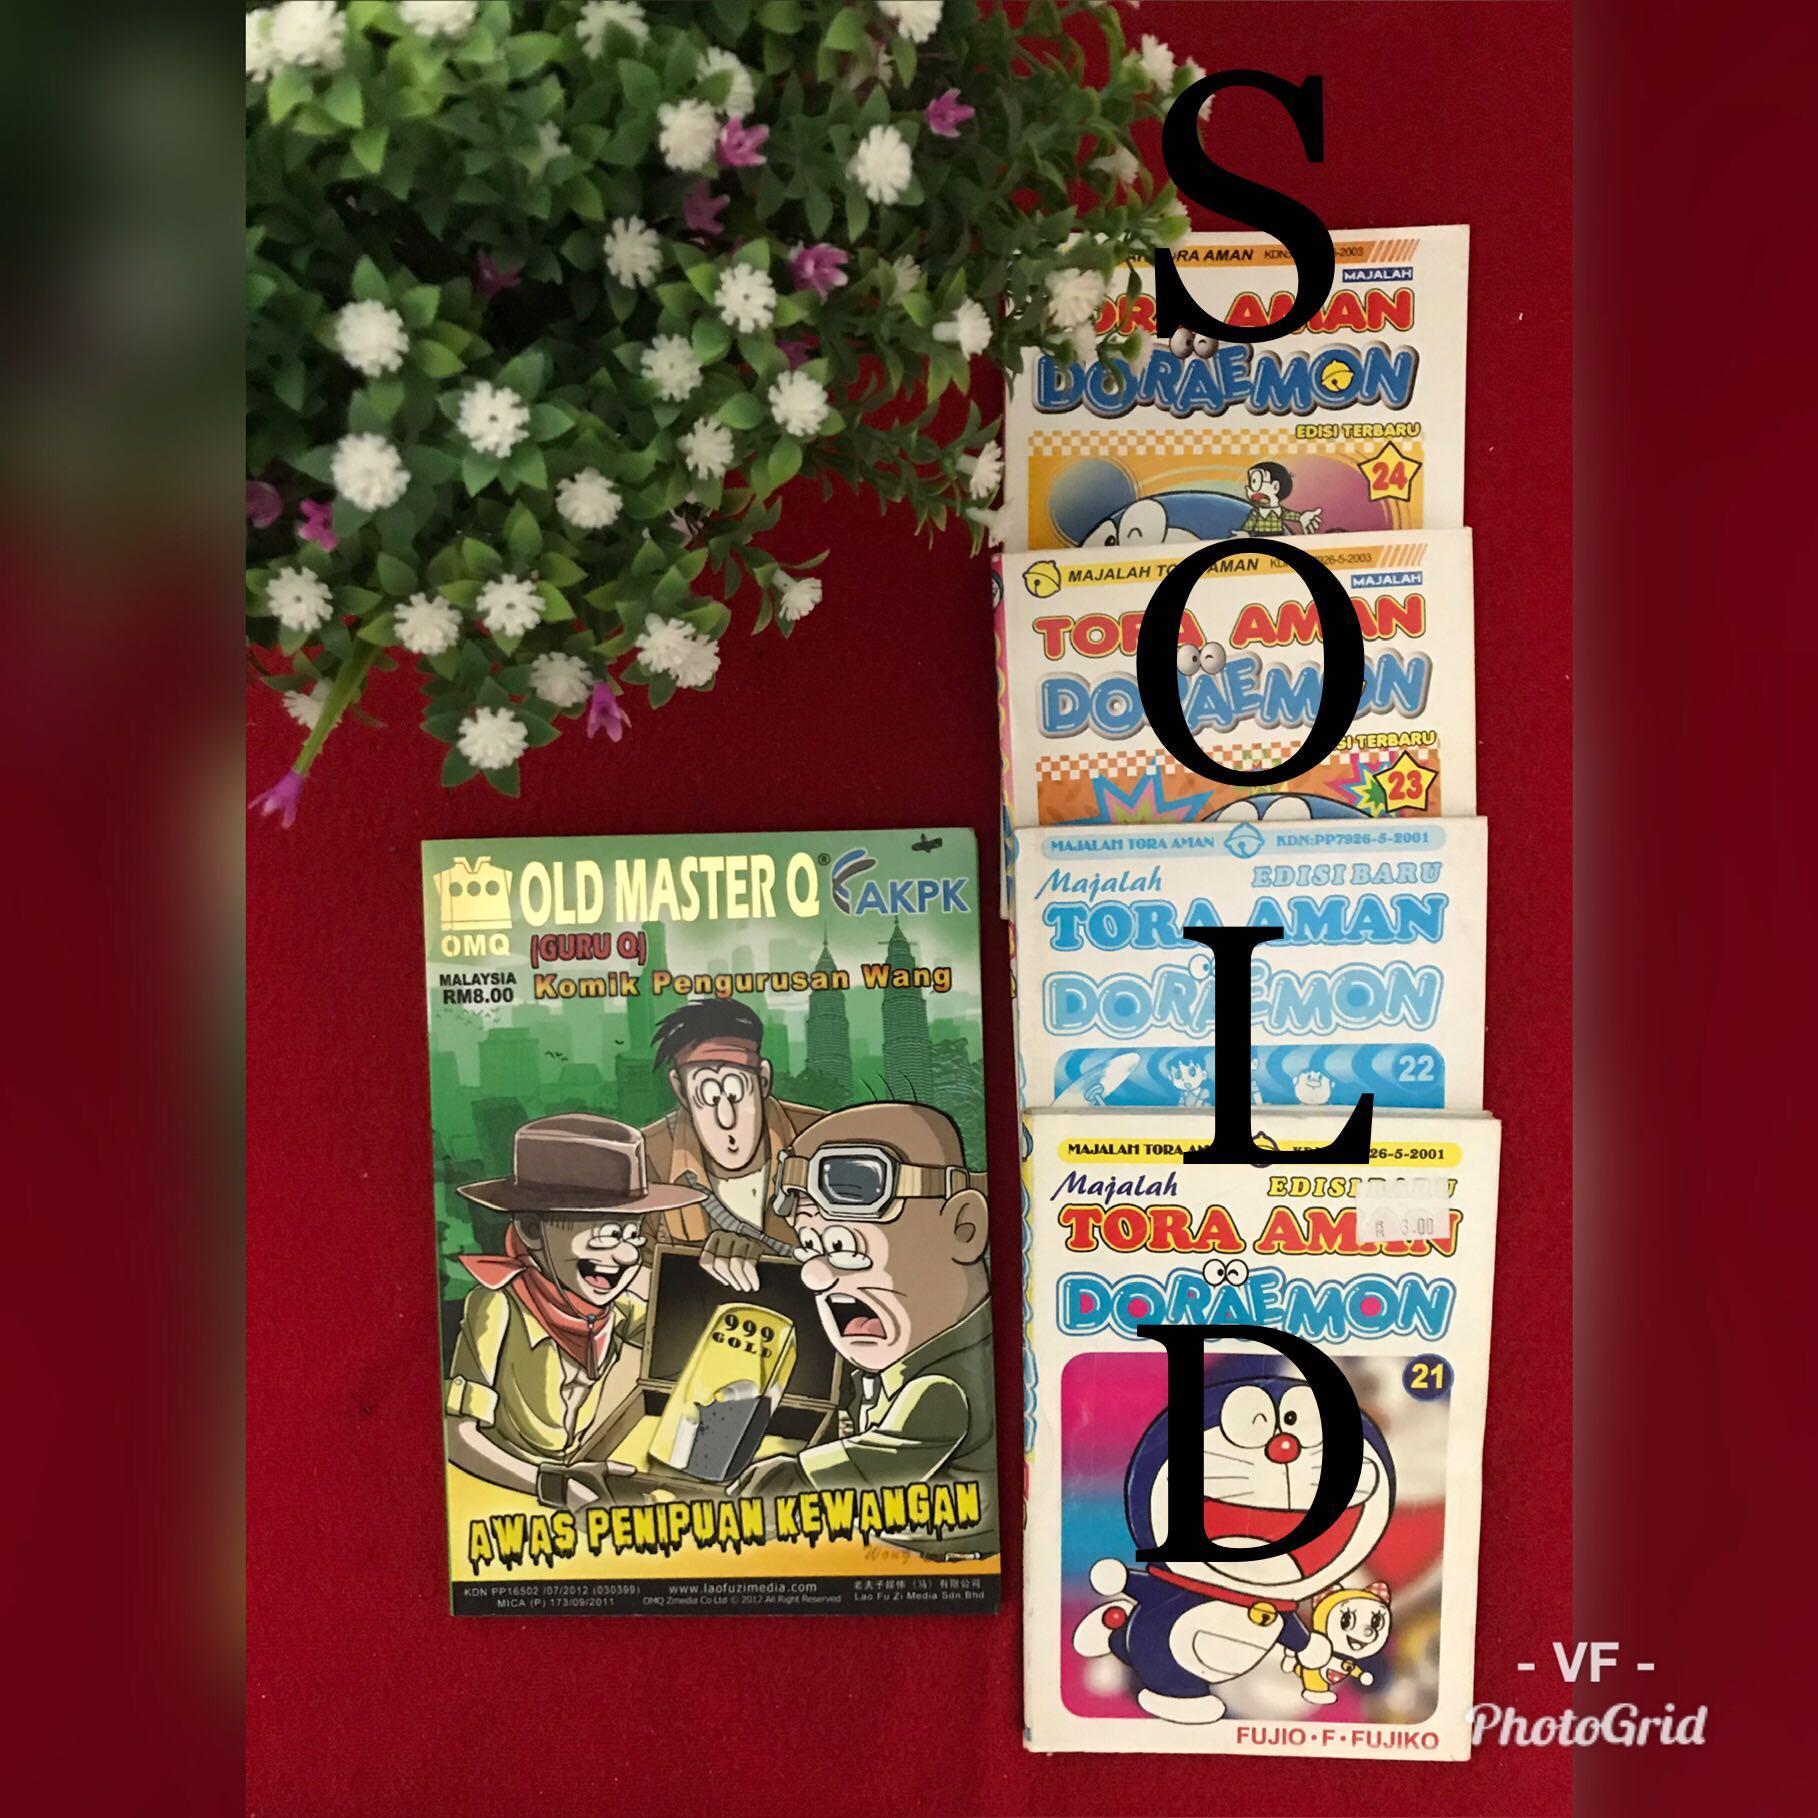 DORAEMON & OLD MASTER Q COMIC BOOKS